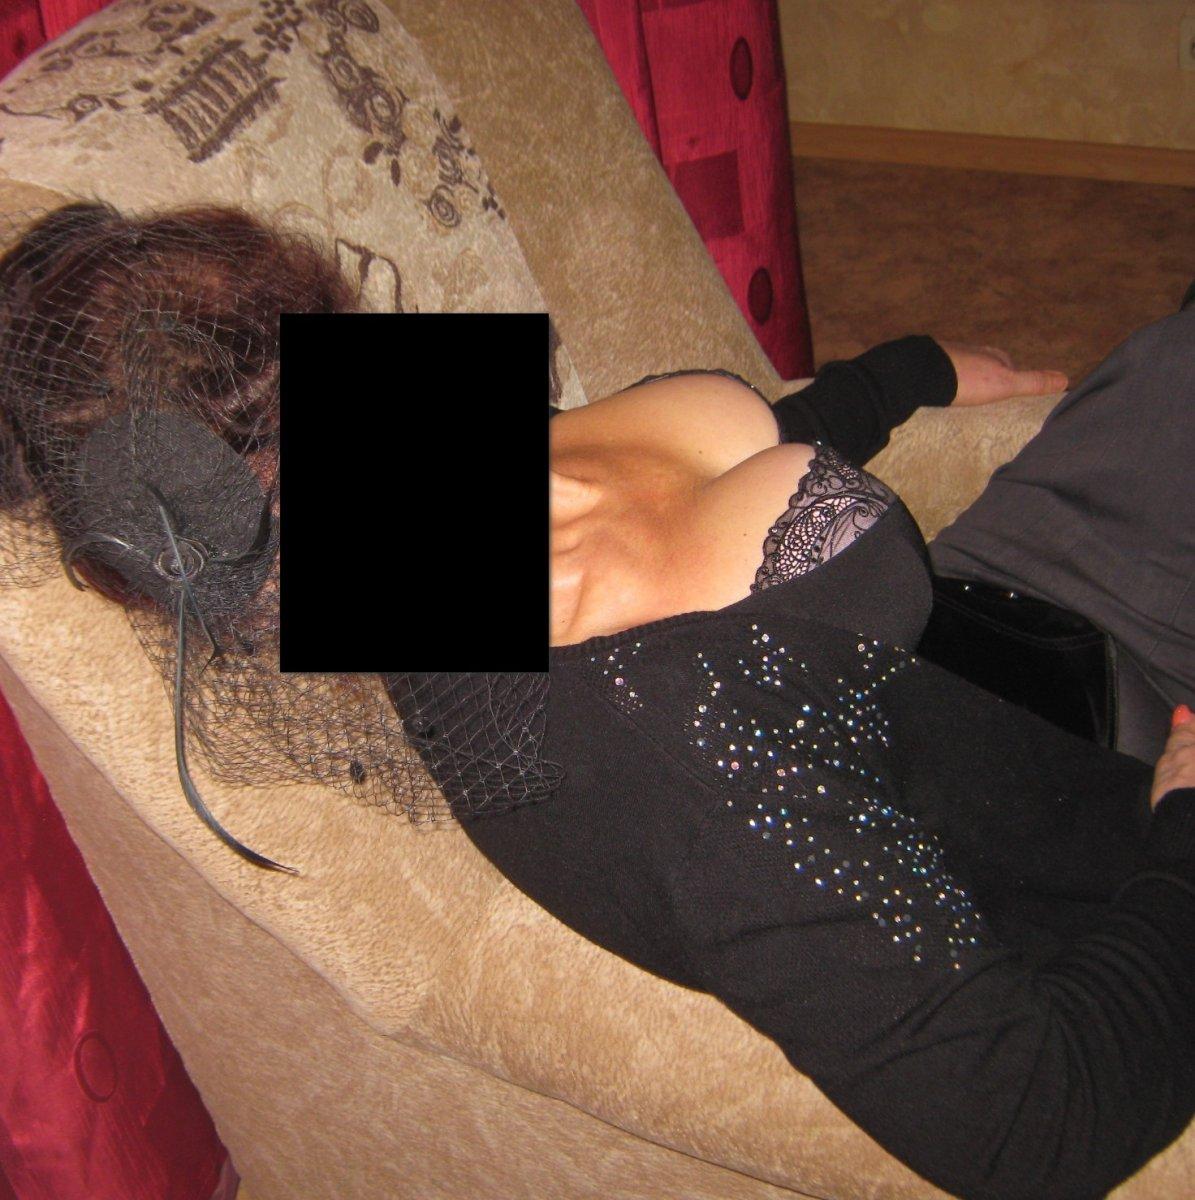 лучшие проститутки индии